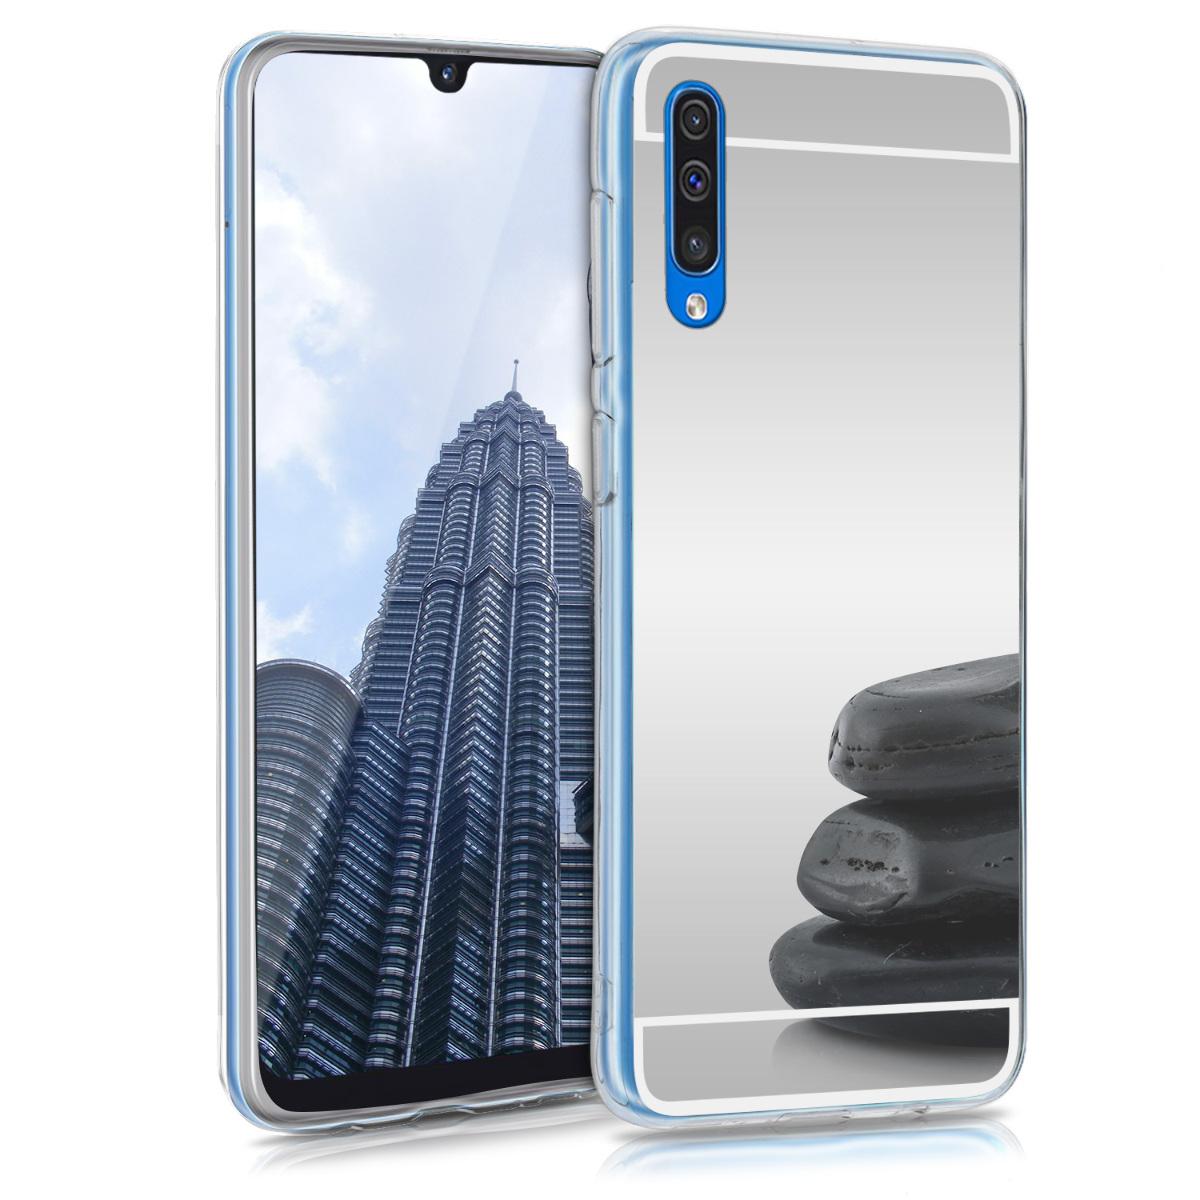 KW Θήκη Σιλικόνης (TPU) με Καθρέφτη Samsung Galaxy A50 - Silver Reflective (48753.42)